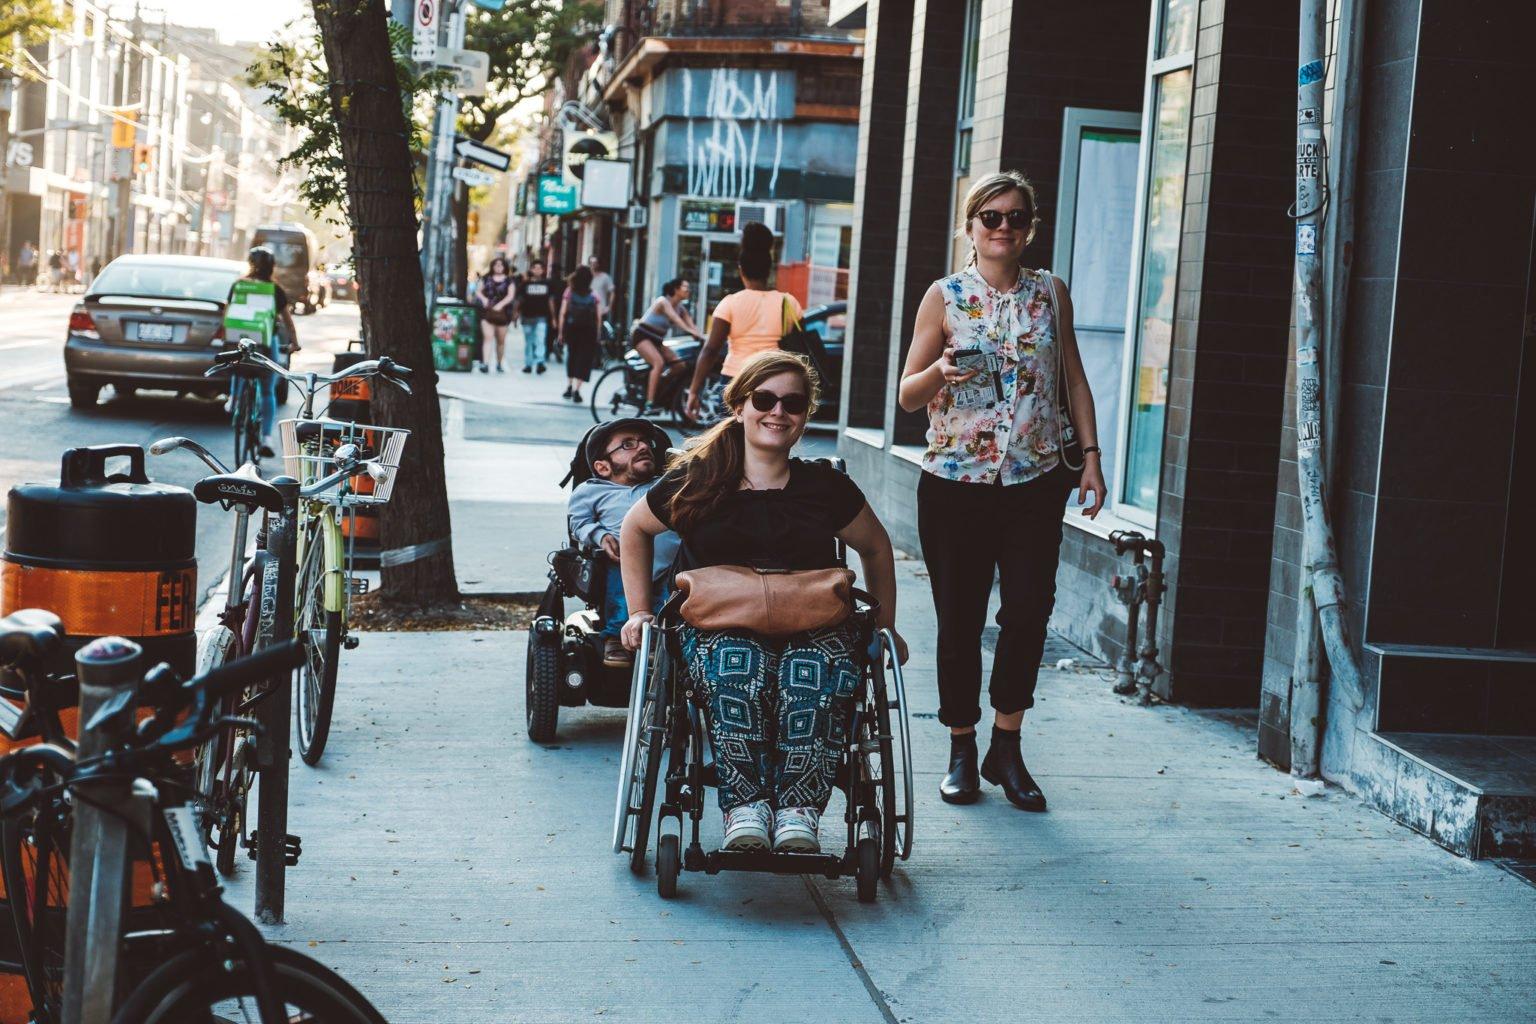 Zwei Rollstuhlfahrer*innen und eine Fußgängerin gehen die Straße entlang.